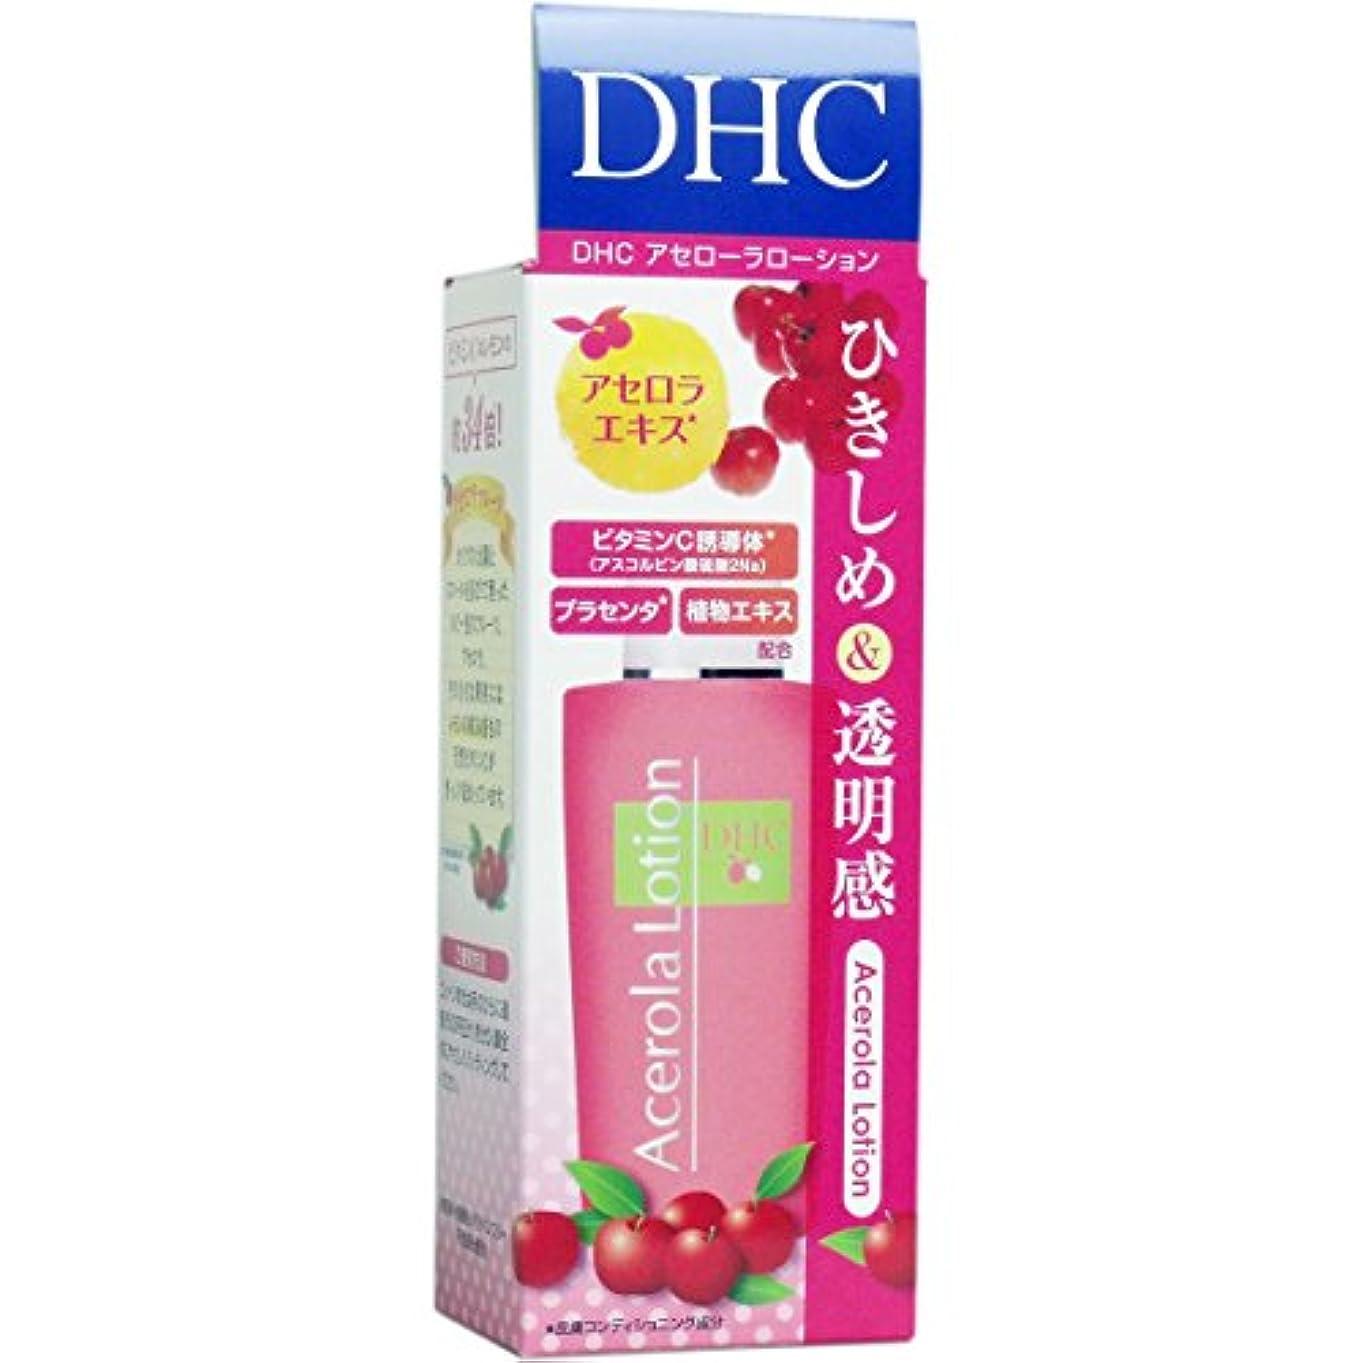 毛皮パーツ子供達【DHC】DHC アセローラローション(SS) 40ml ×5個セット